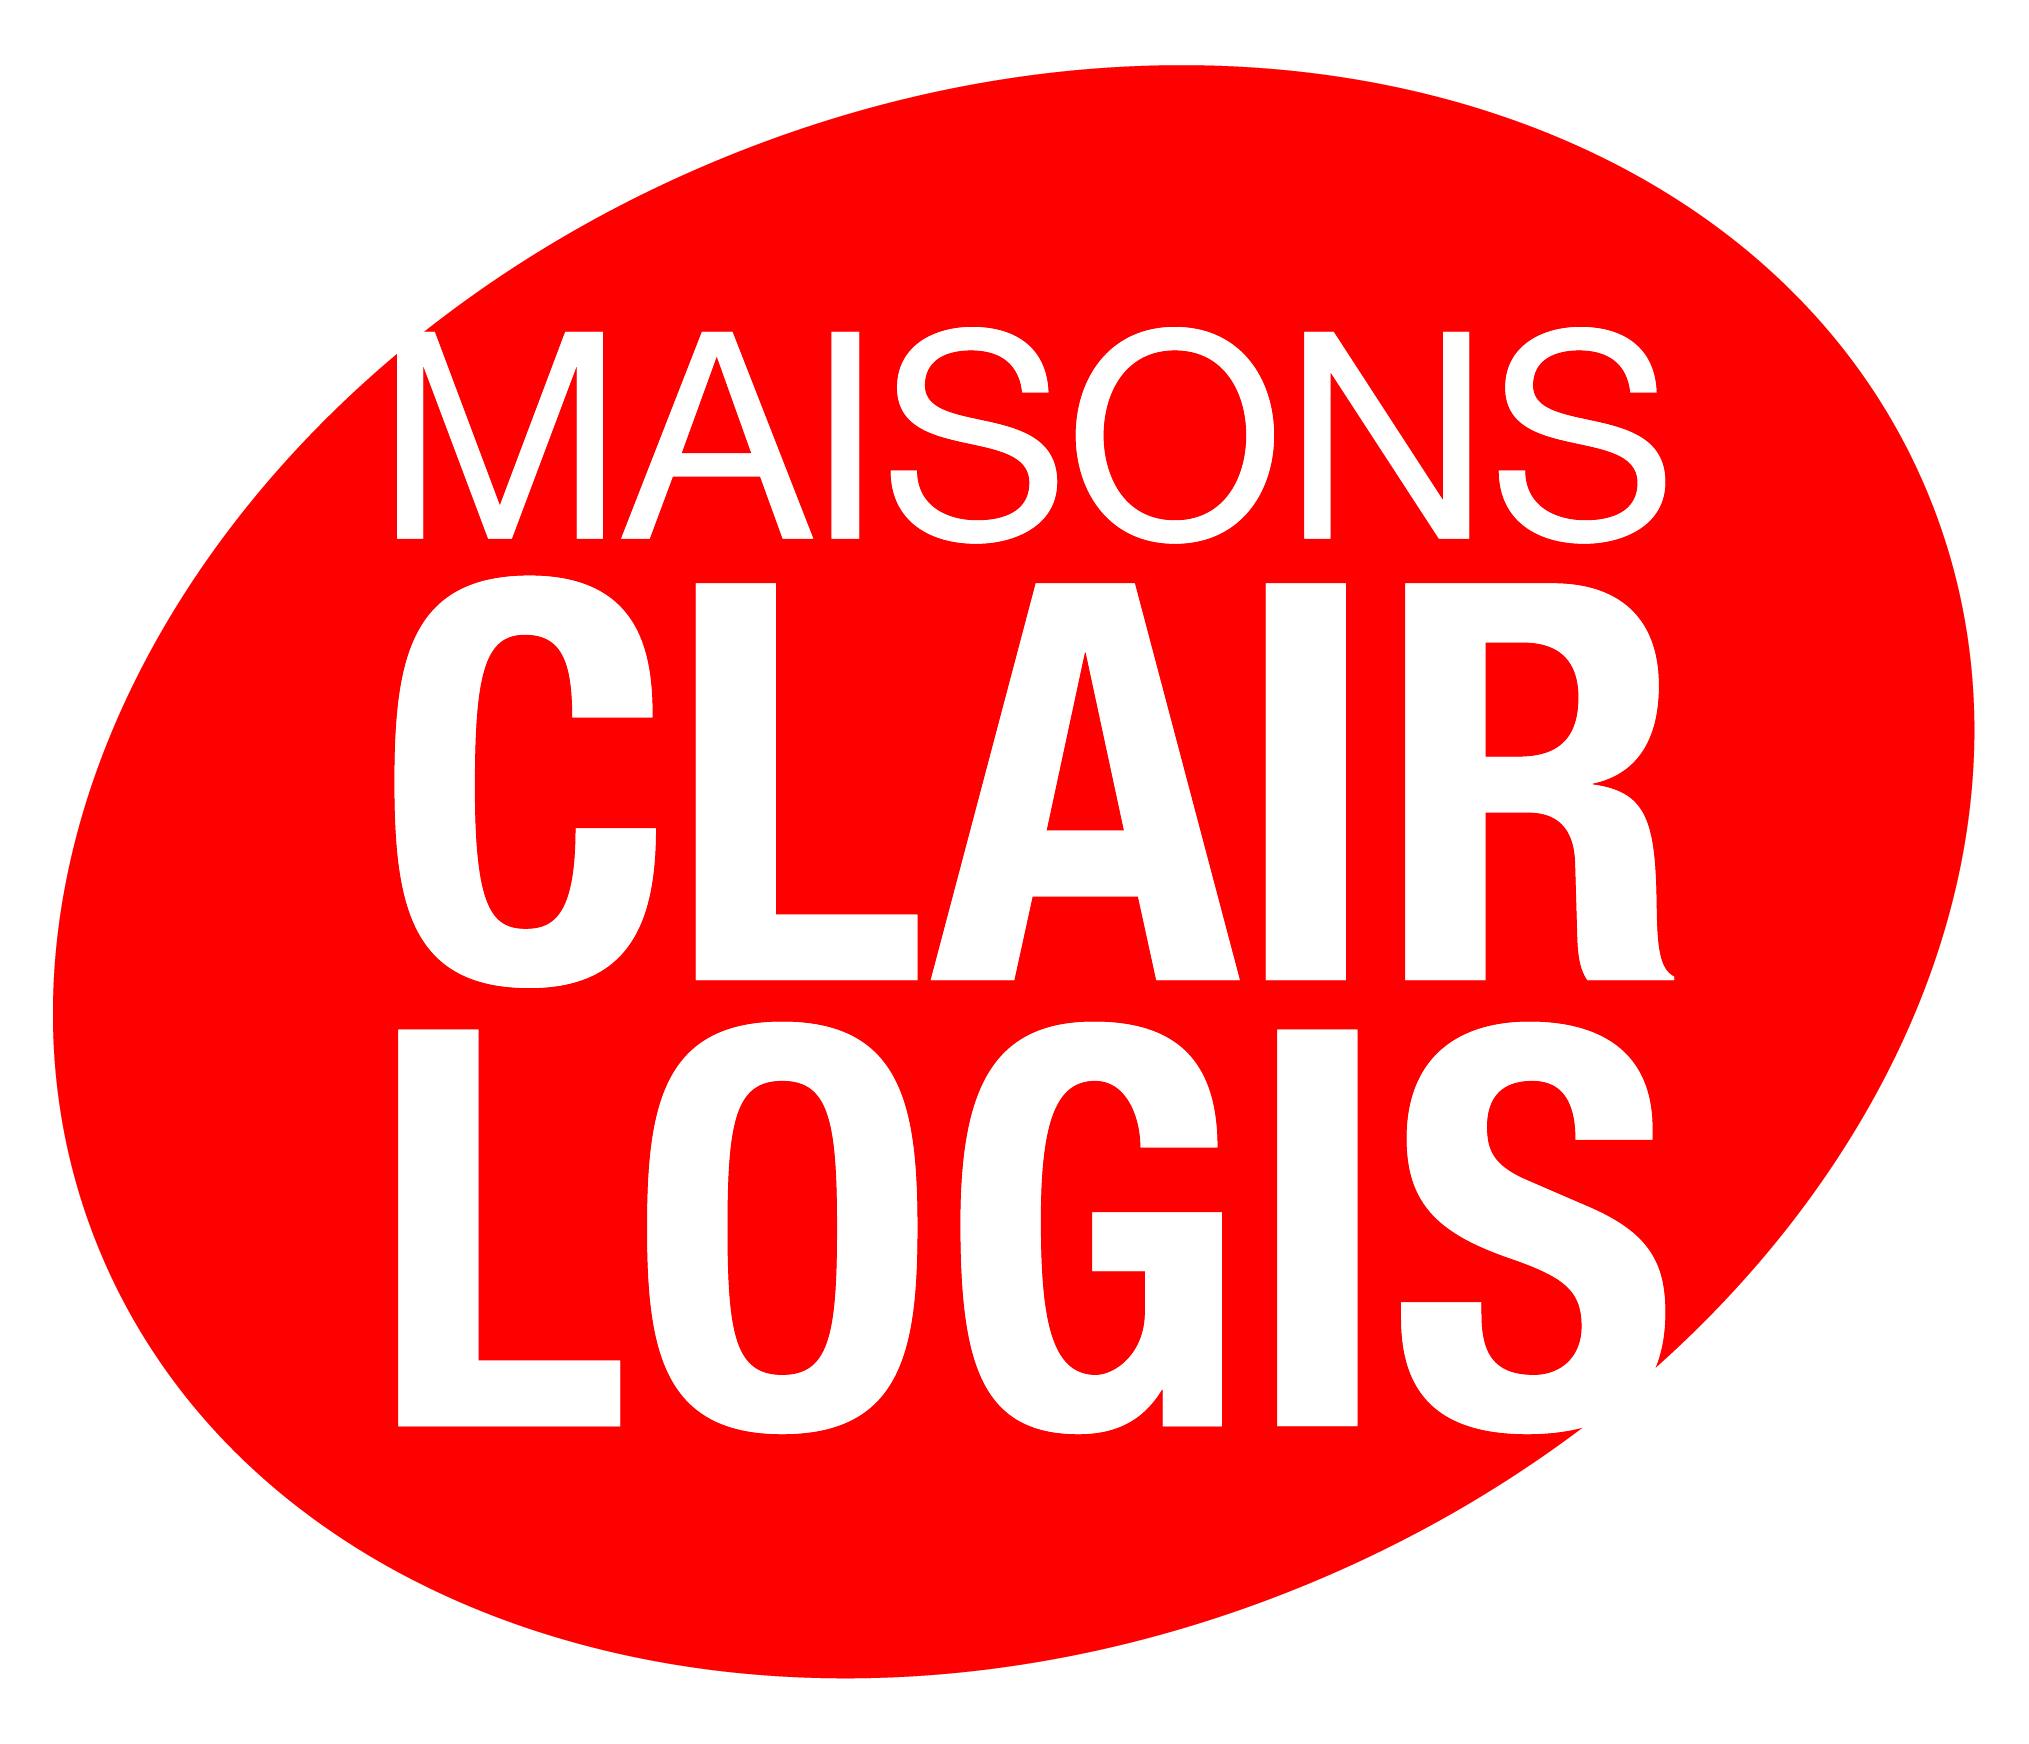 Logo Maisons clair logis